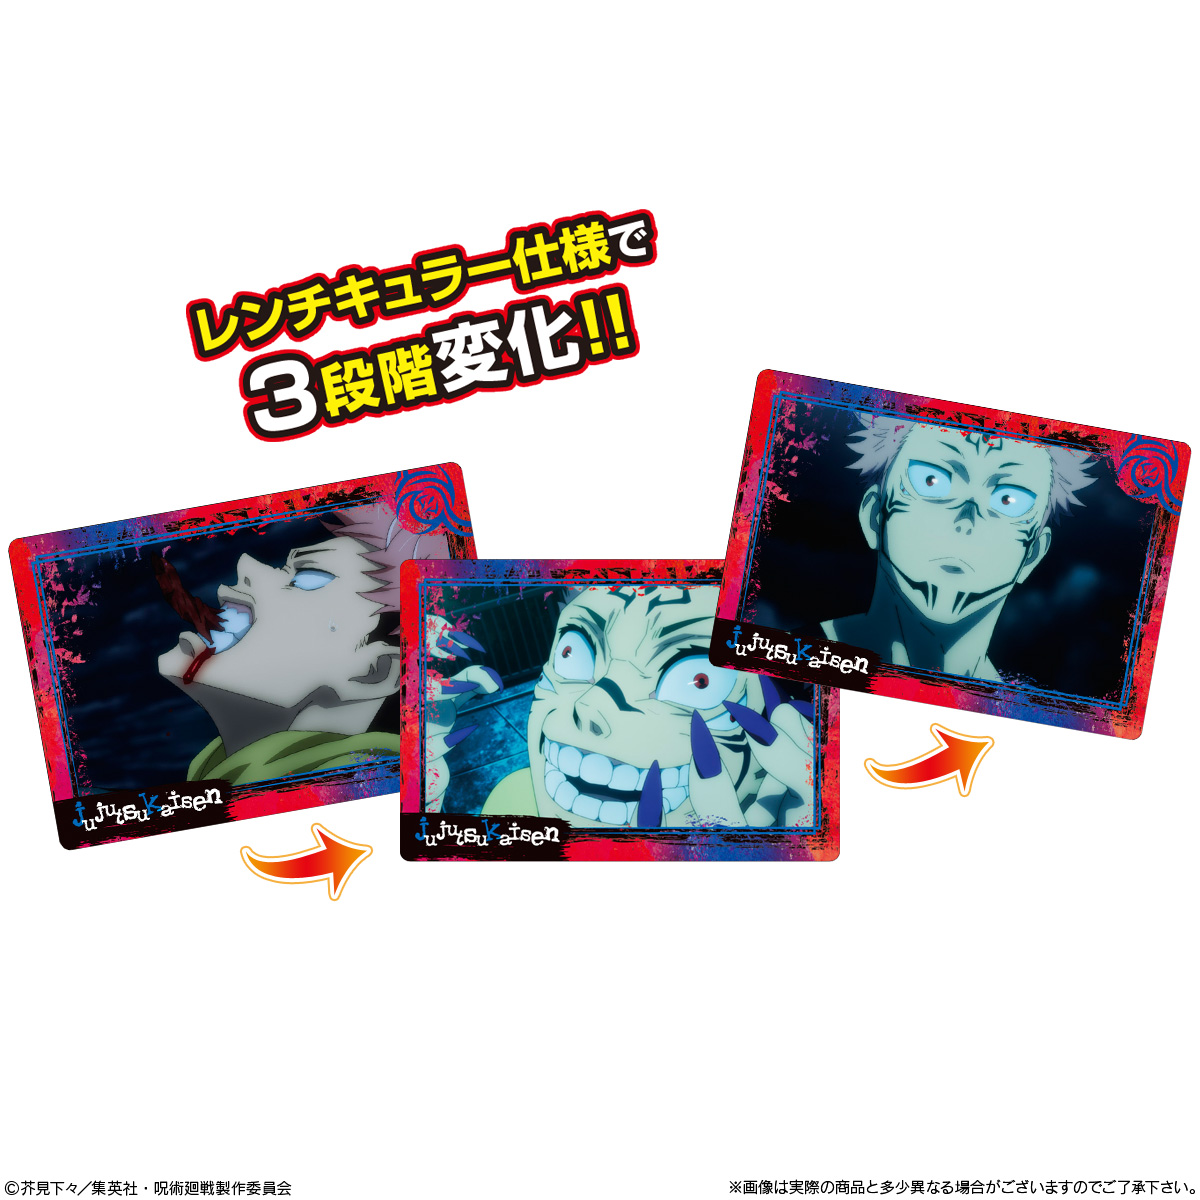 【食玩】呪術廻戦『呪術廻戦 PLAY BACKカードチョコスナック』10個入りBOX-002